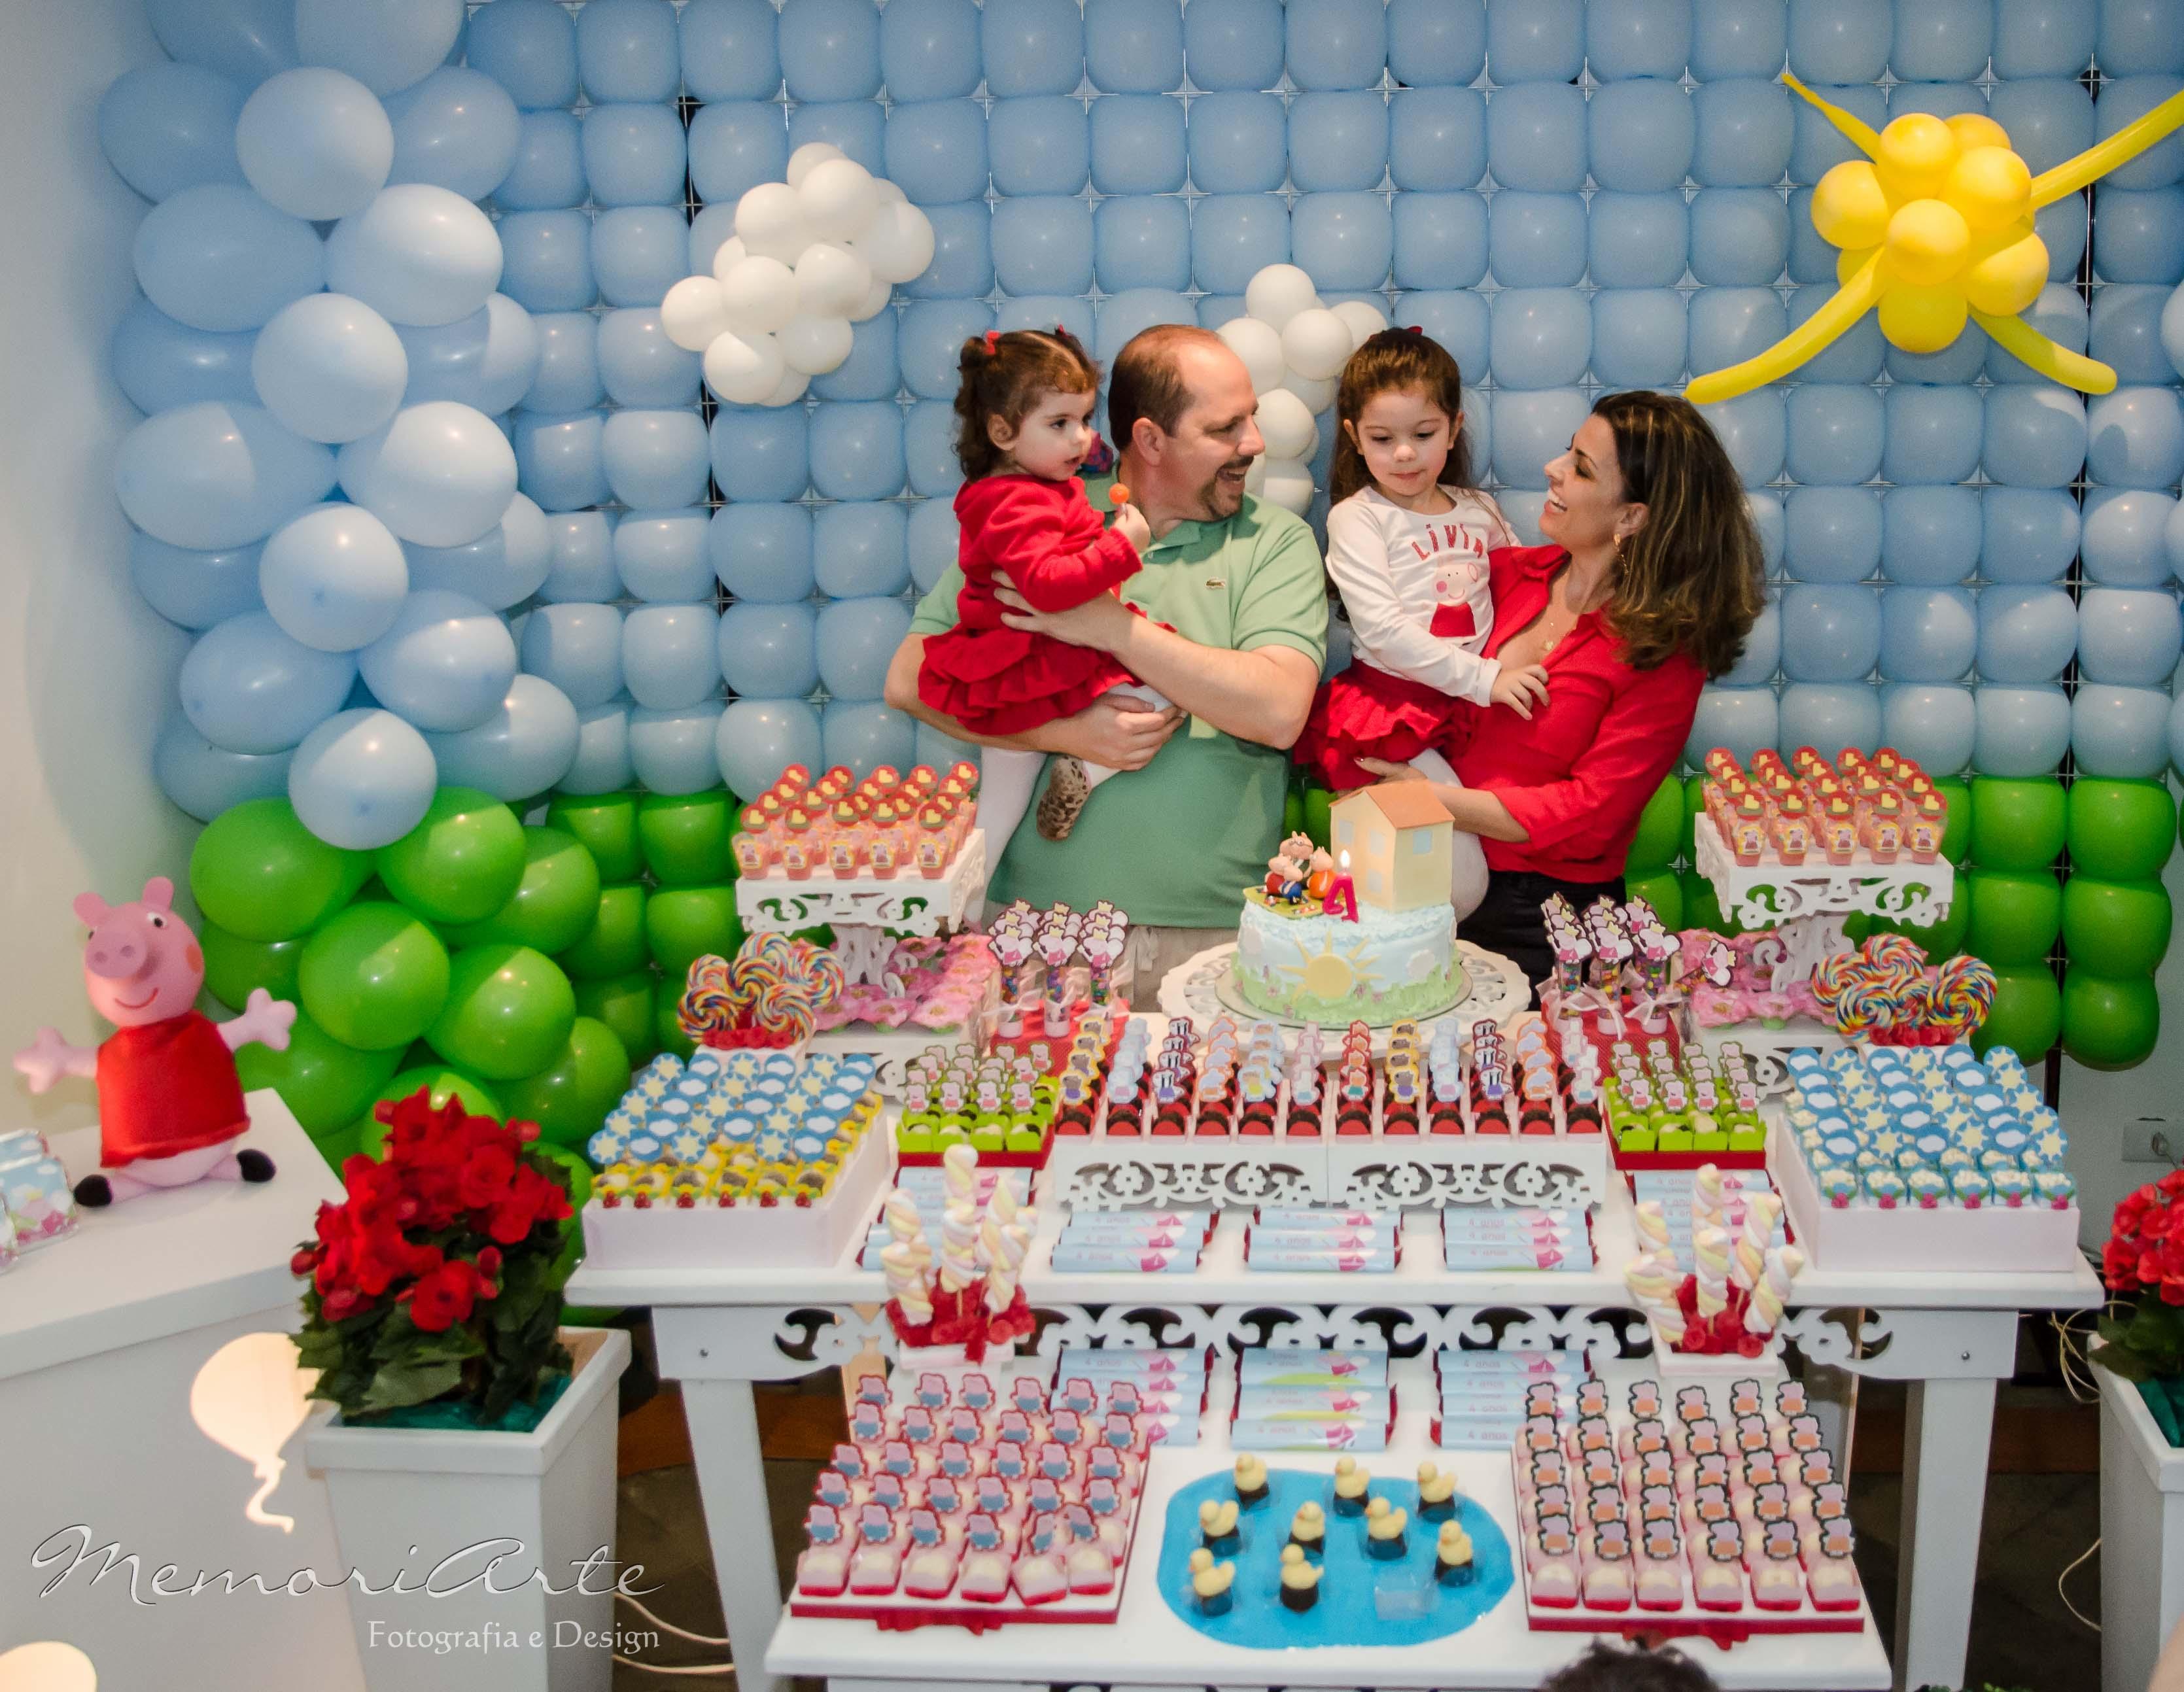 fotografia-festa-infantil-19.jpg